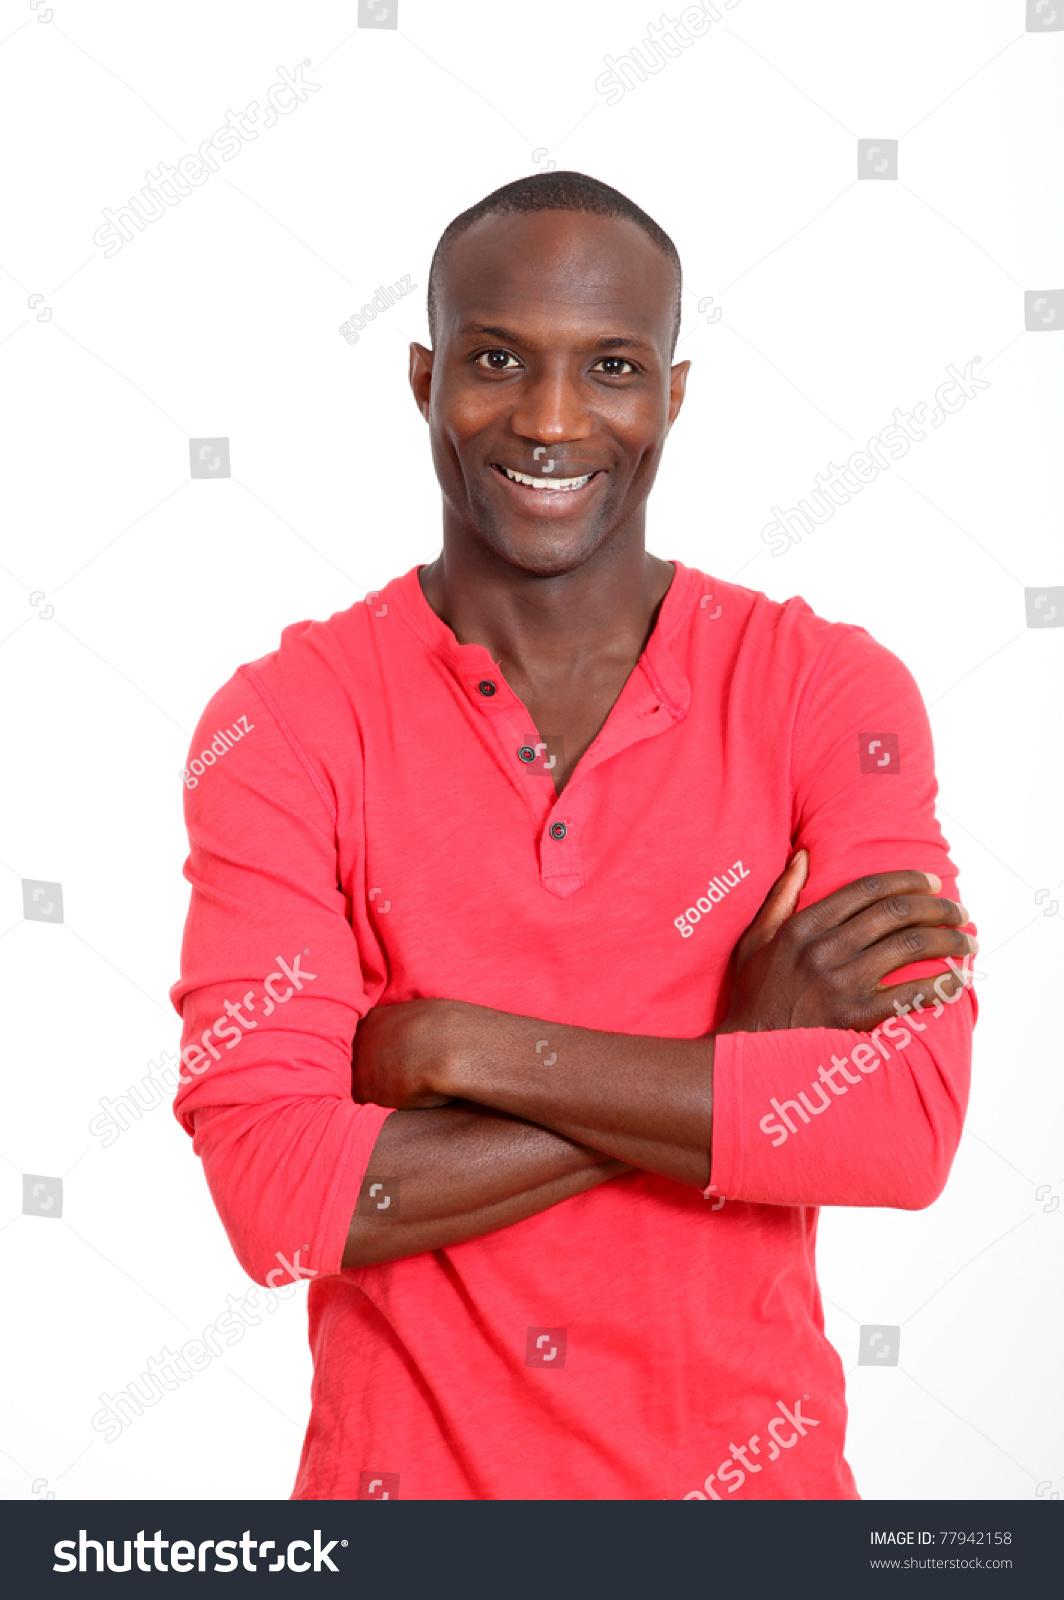 Black Handsome Images Men Of#1